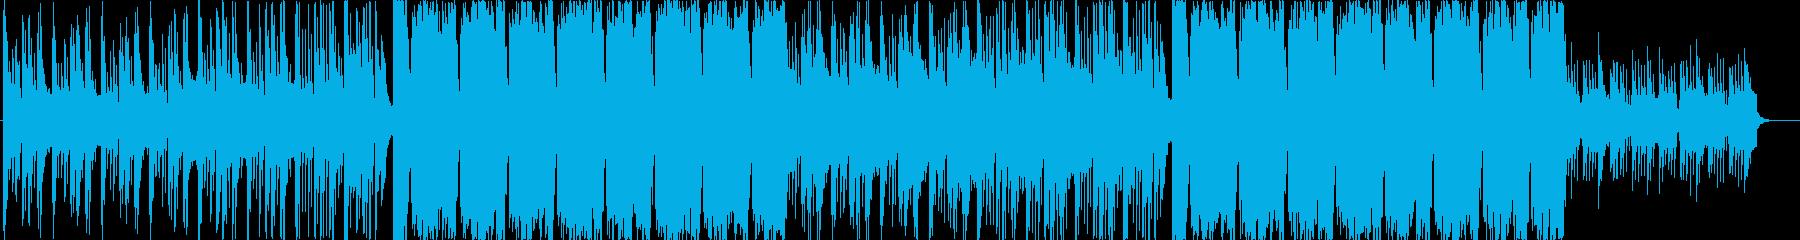 Future Bass・爽やか・かわいいの再生済みの波形